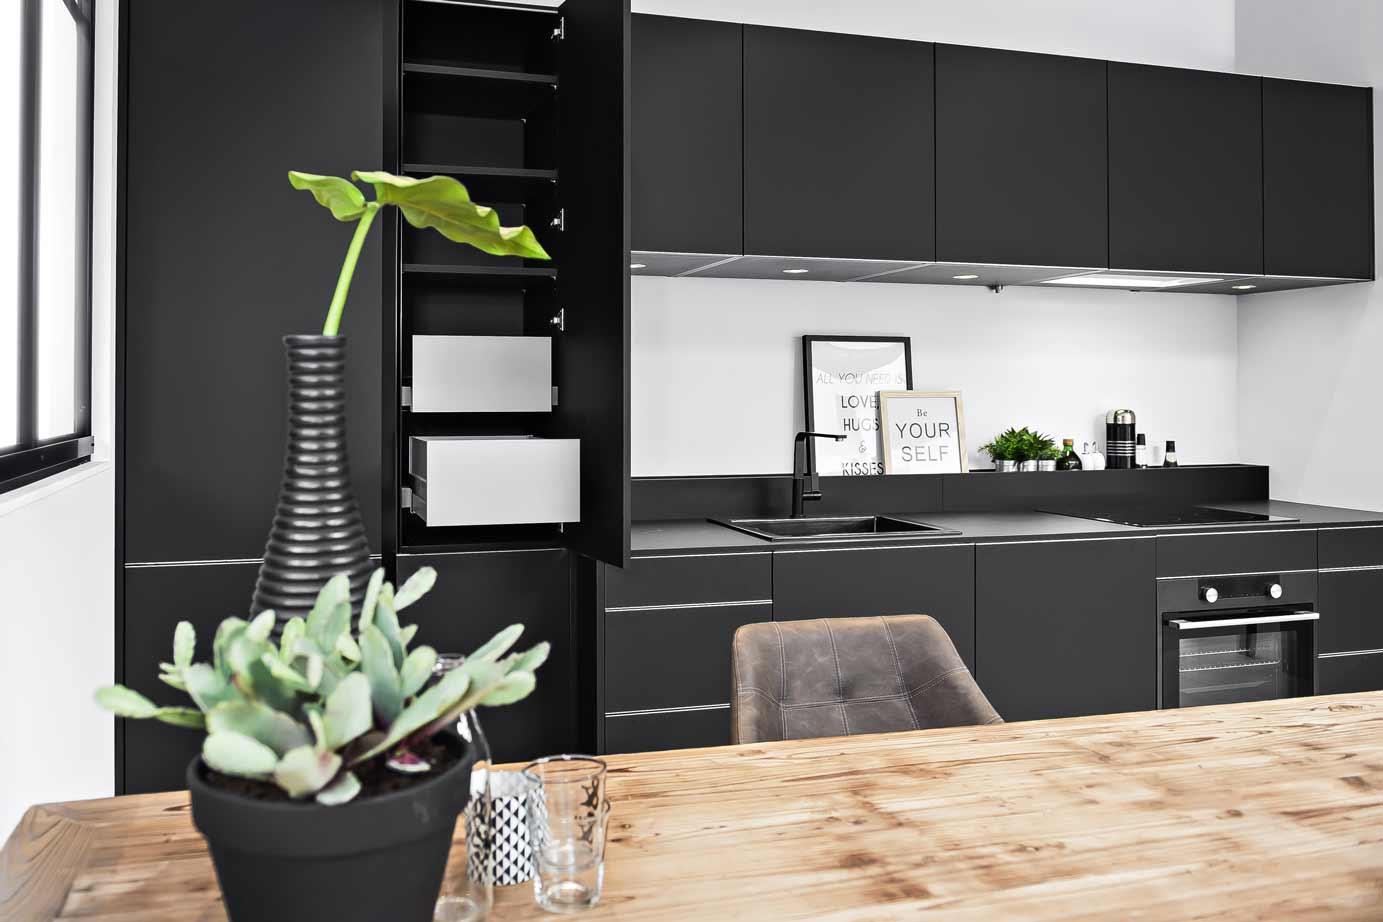 Strakke Zwarte Keuken : Zwarte keukens krijg inspiratie door vele voorbeelden db keukens